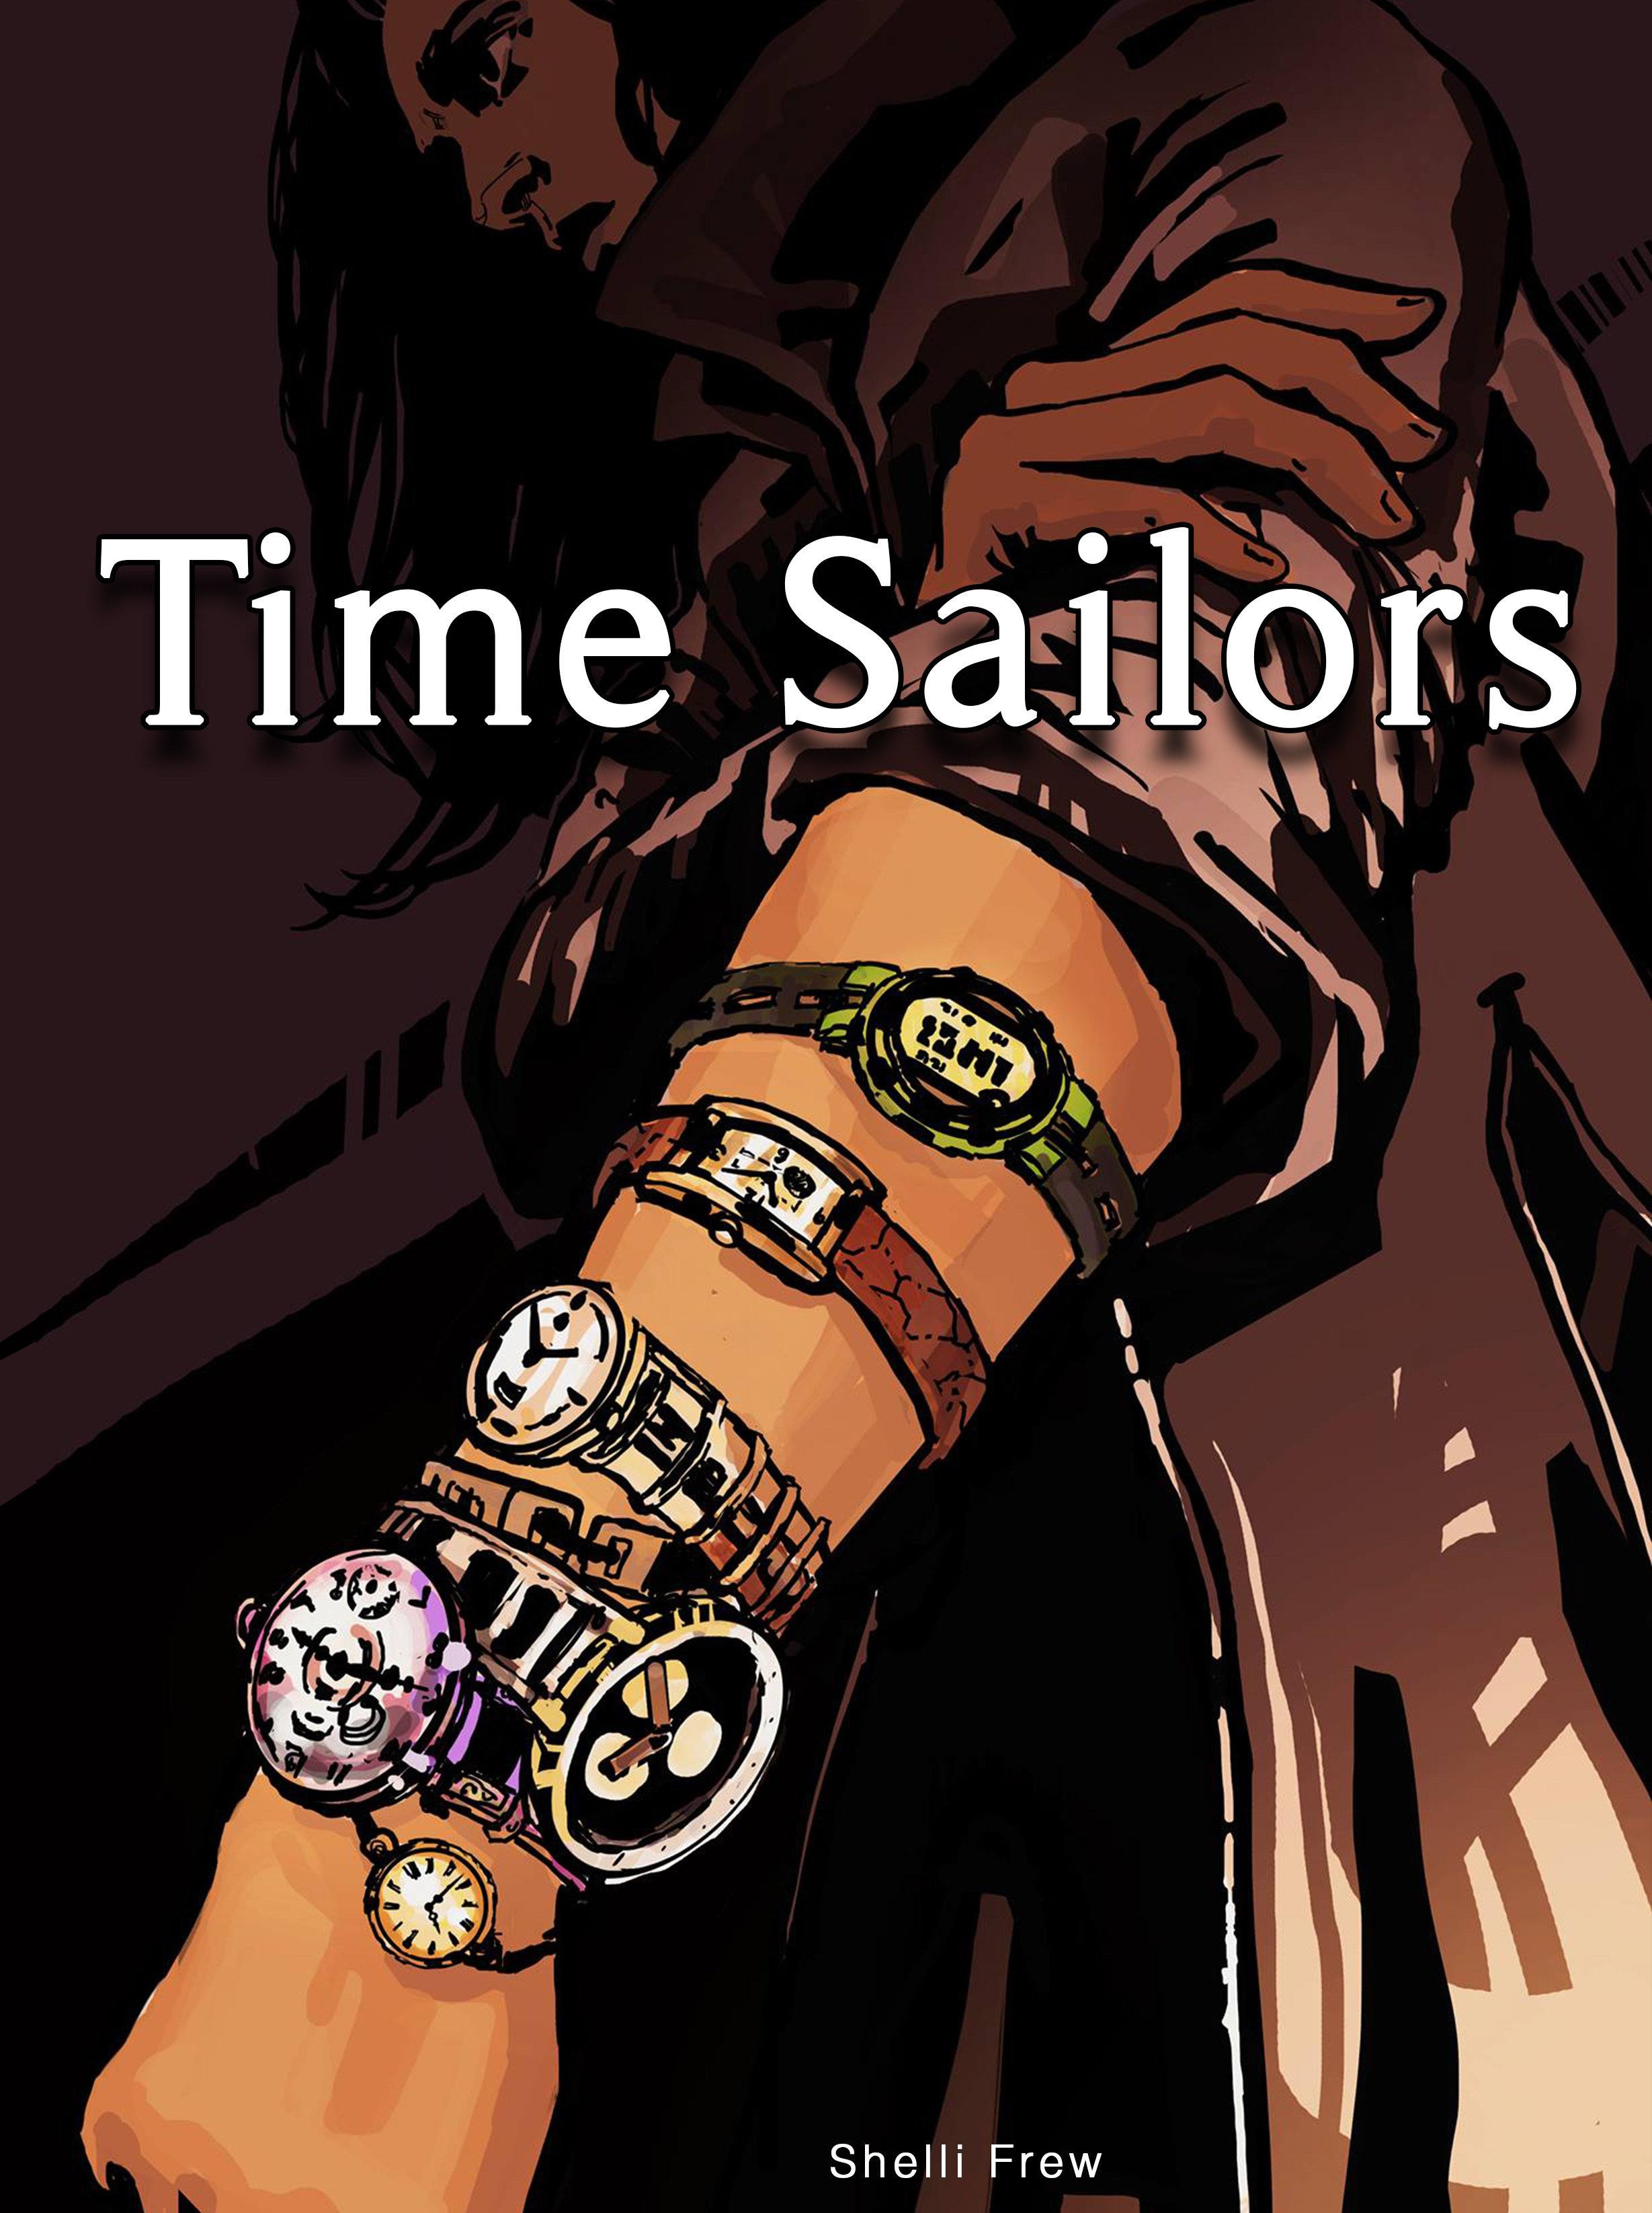 Time Sailors 00043